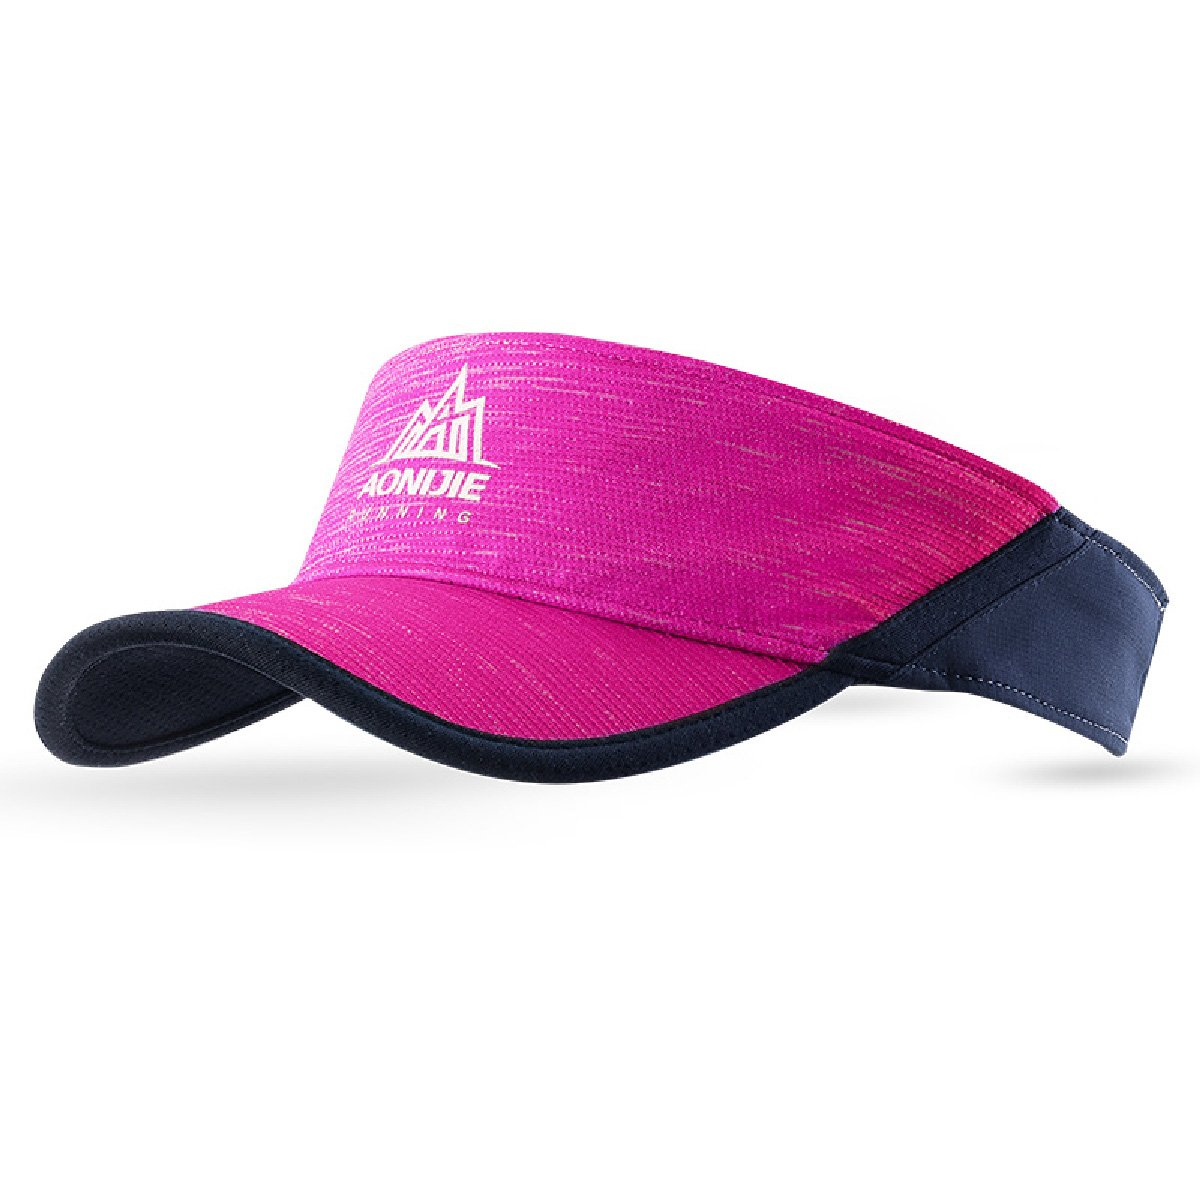 TRIWONDER Sun Visor Cap Summer Sun Hat Men Women Outdoor Activities & Sports OS1526BE